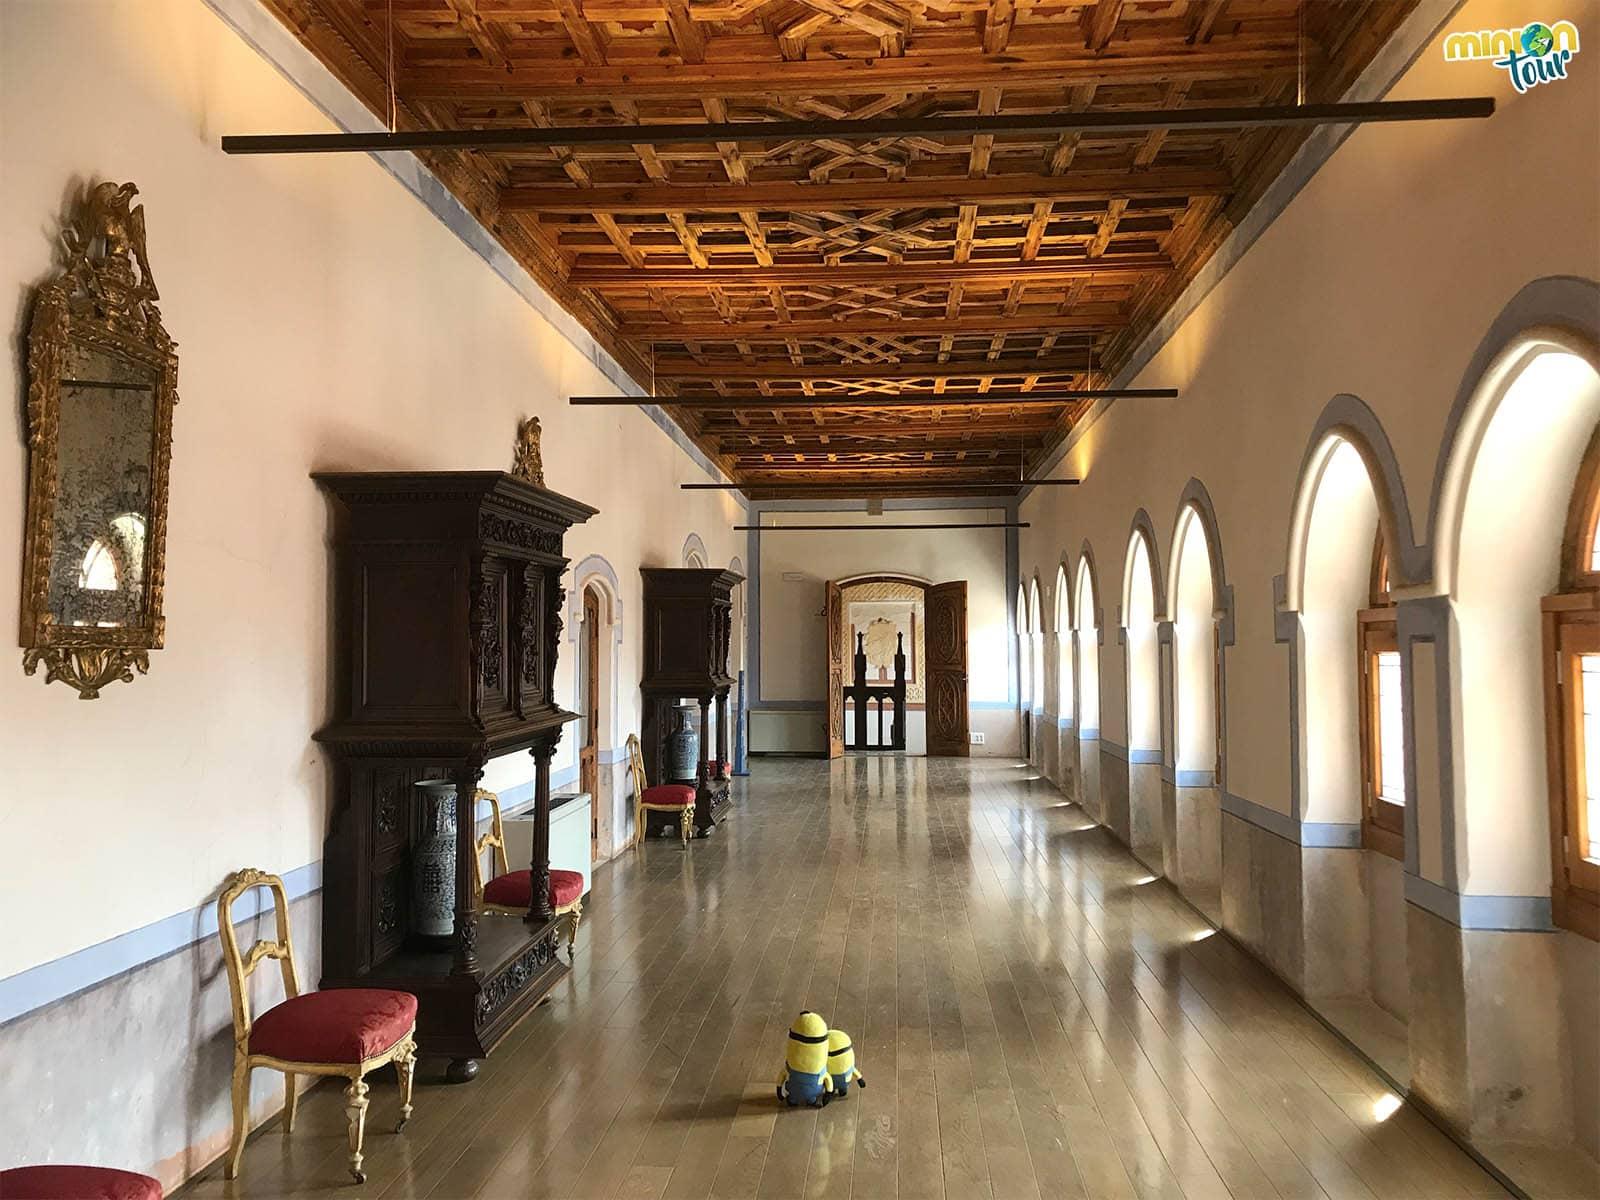 Paseando por una de las estancias del Castillo de Belmonte